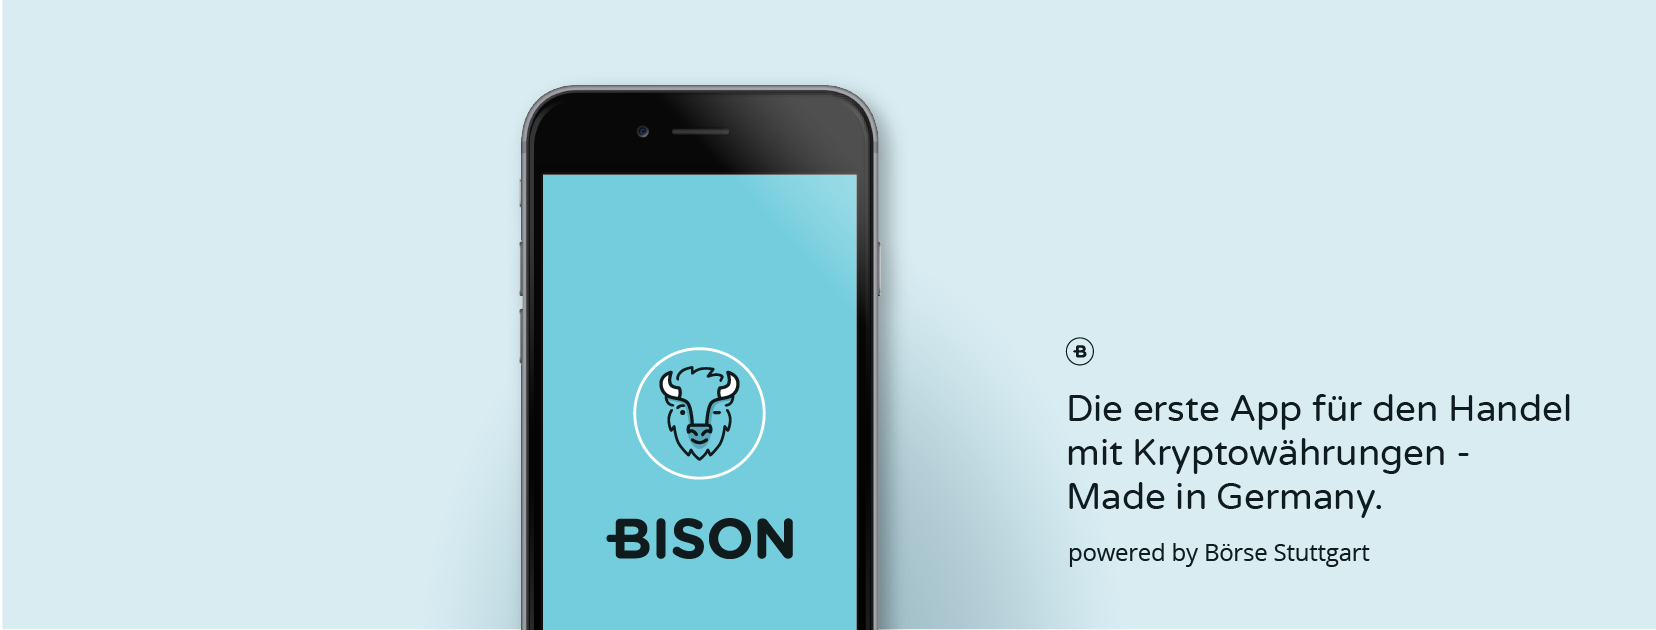 Quelle: bisonapp.de